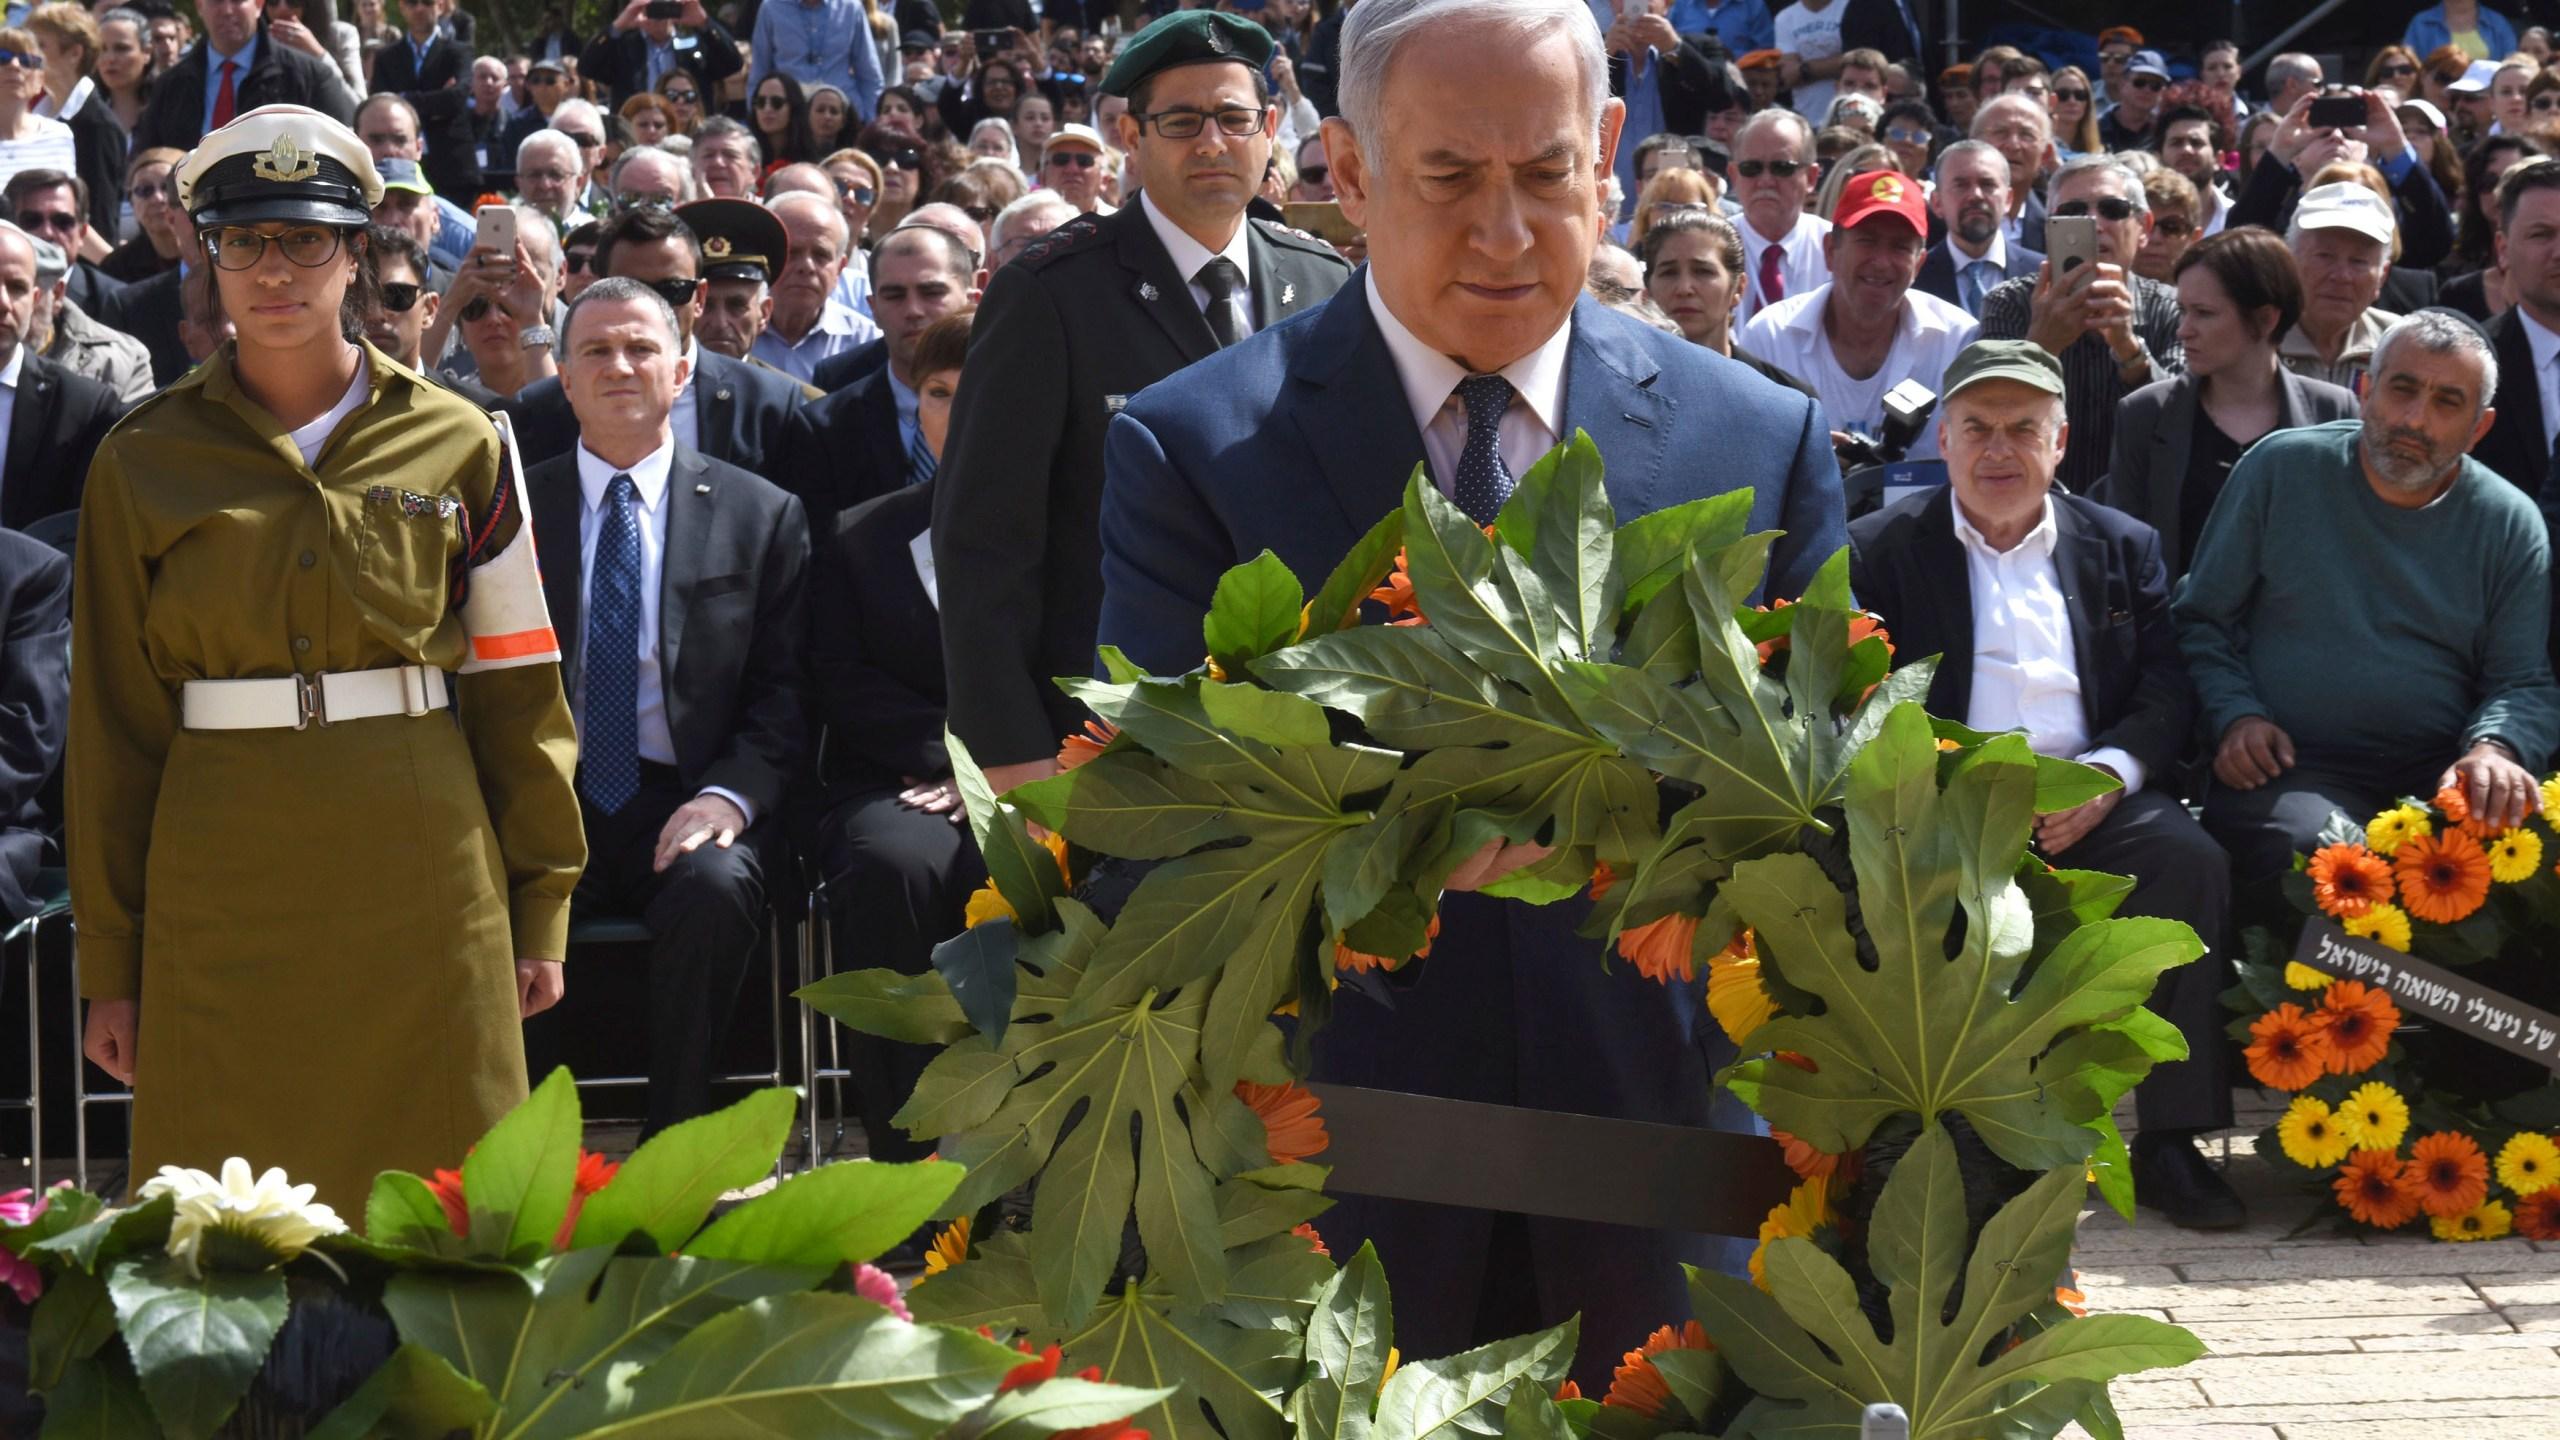 Israel Holocaust_1523547858310